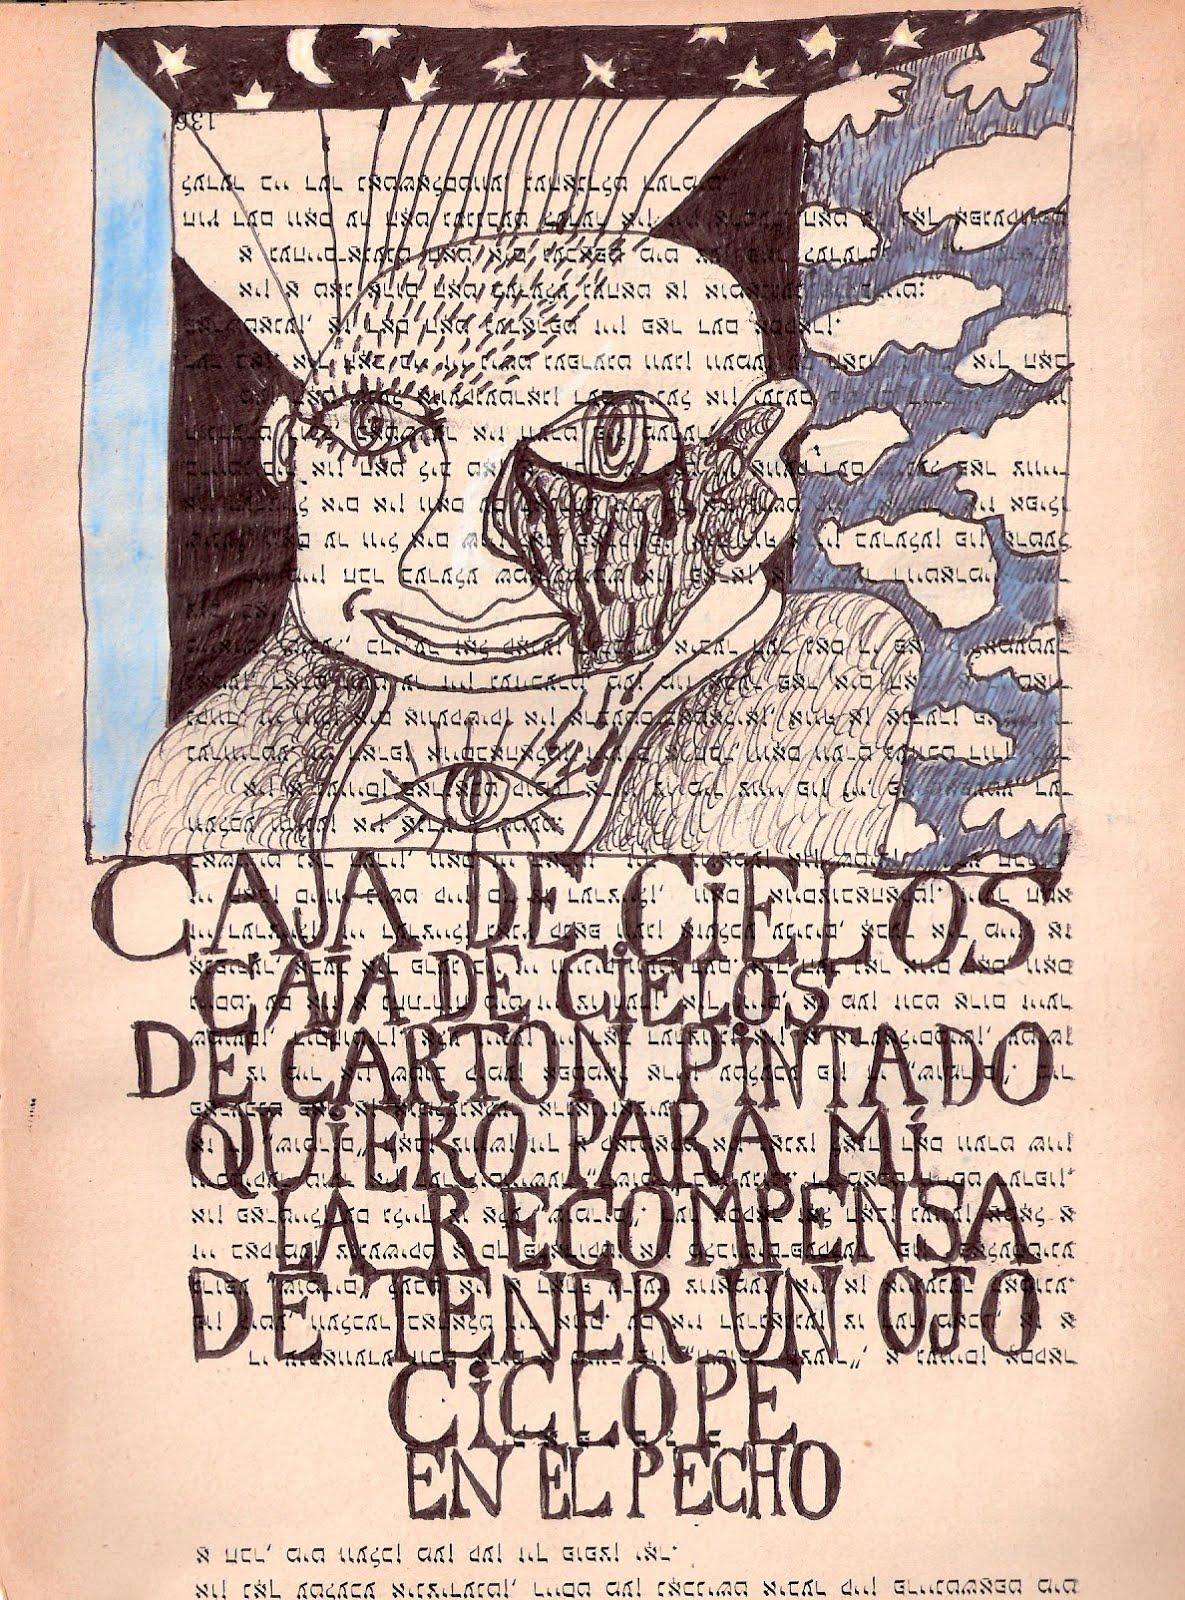 CAJA DE CIELOS